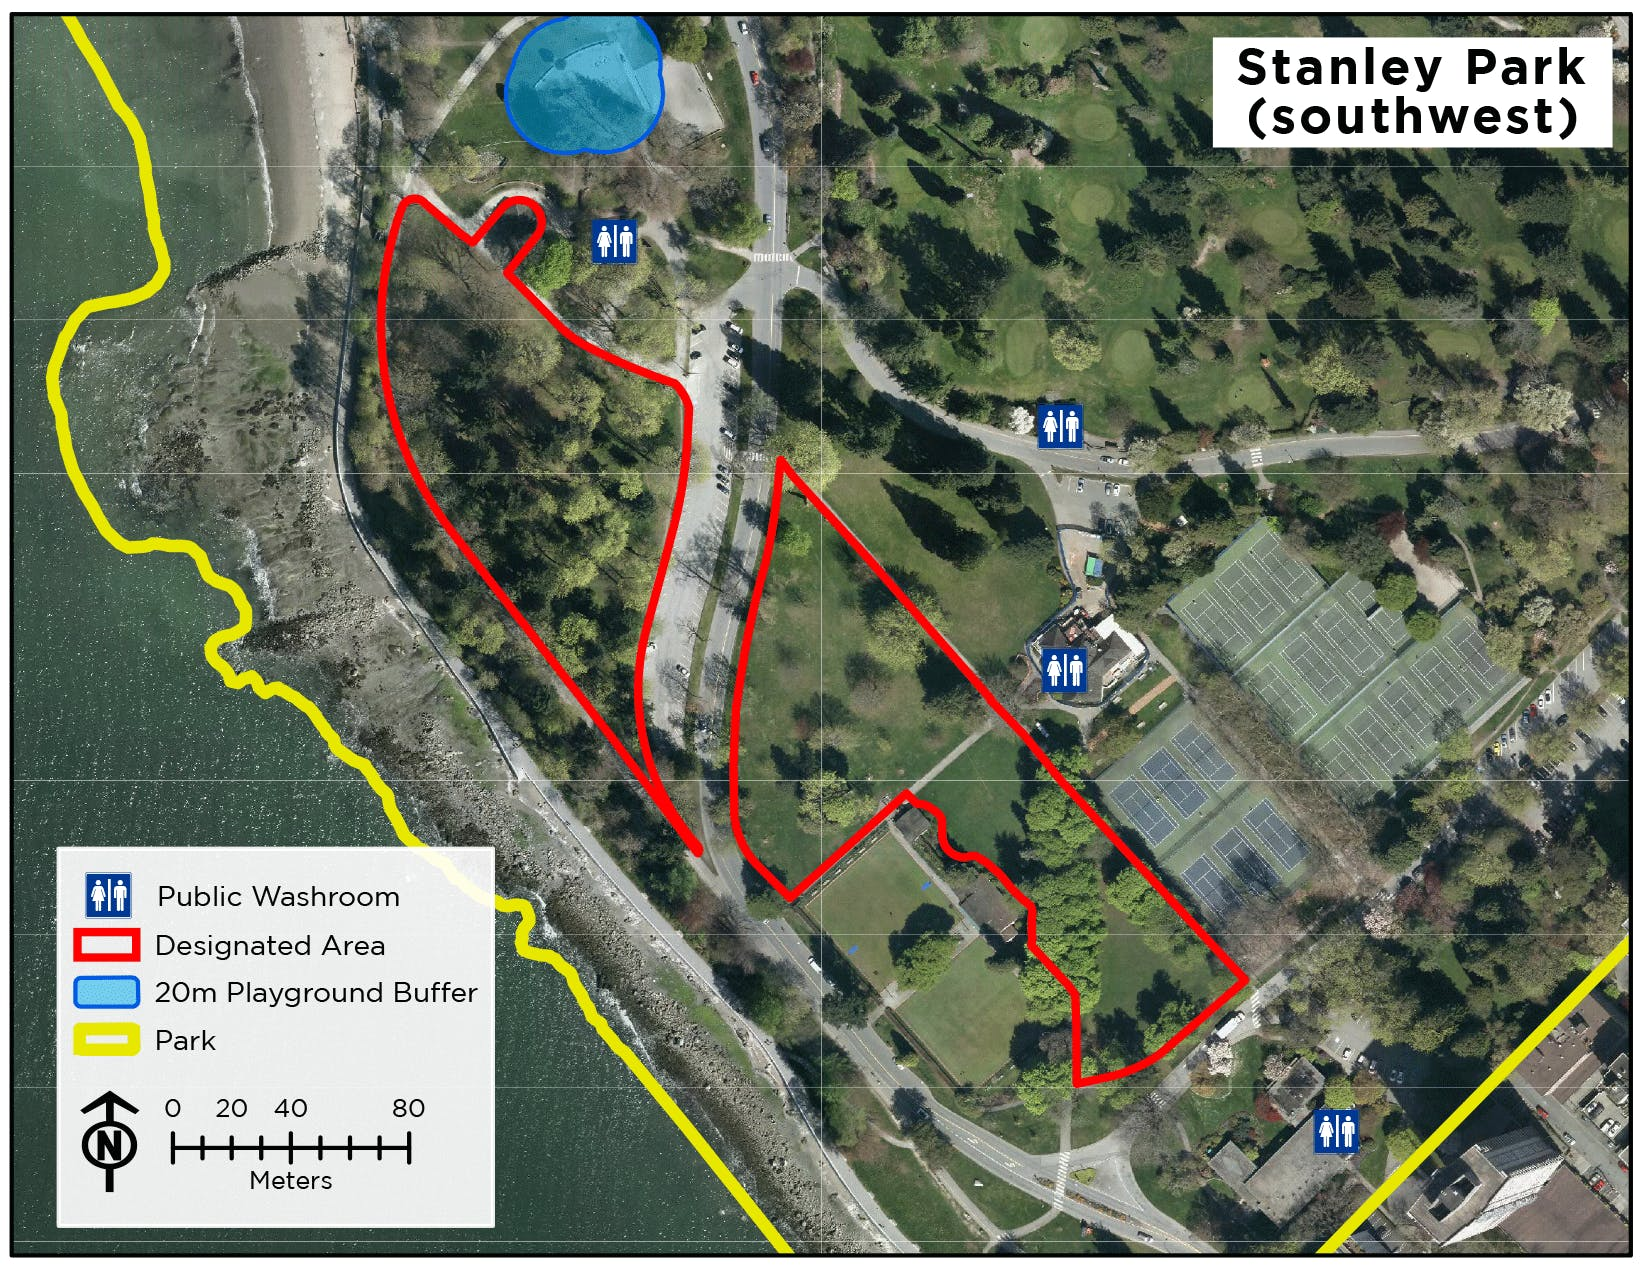 Stanley Park (Southwest)